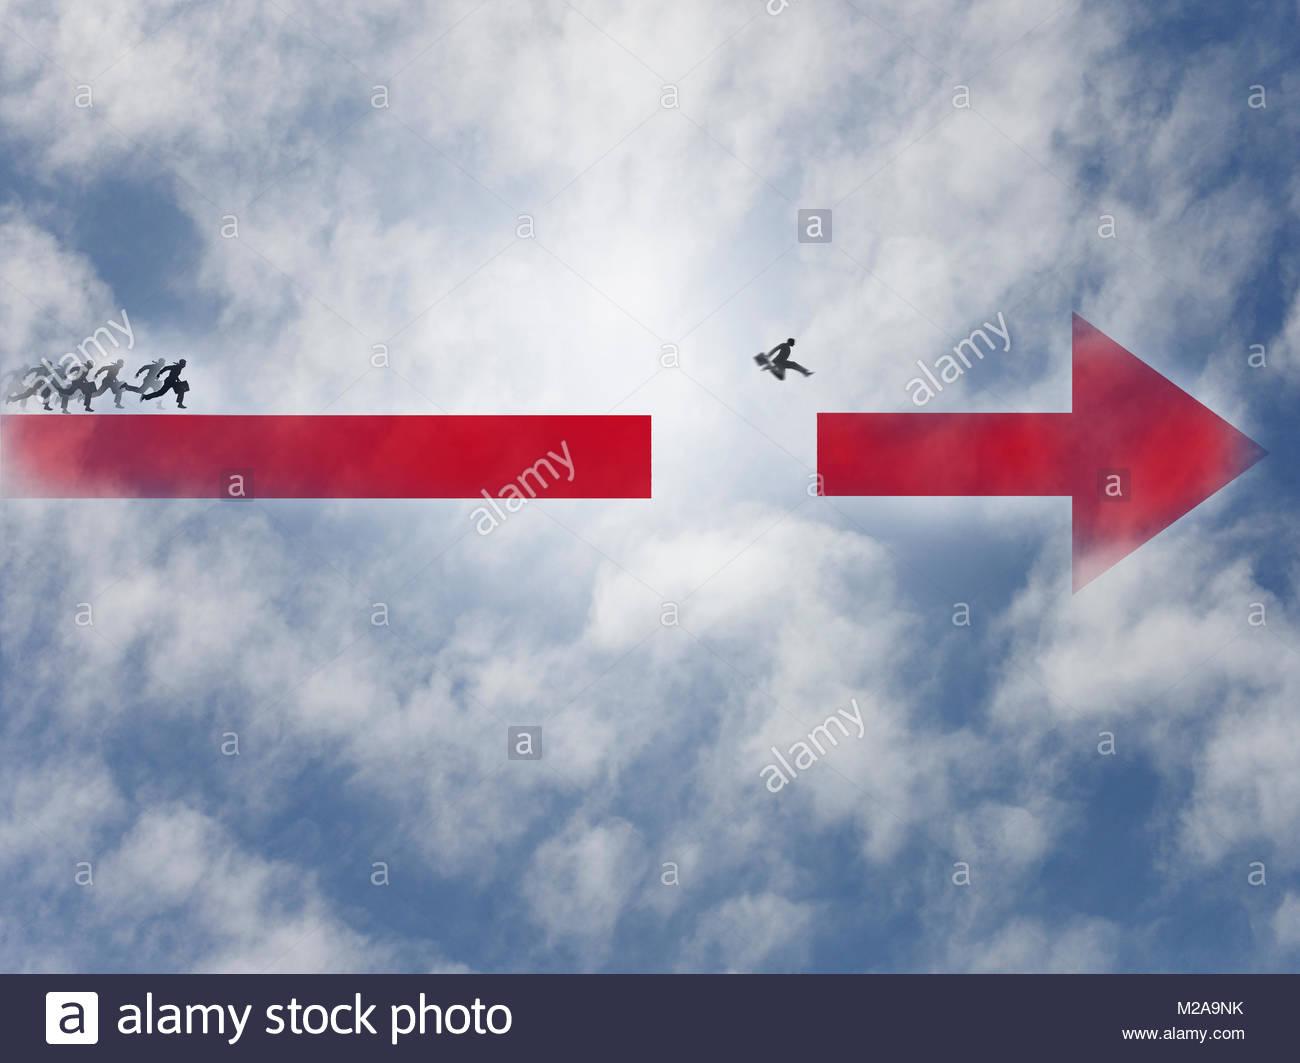 Empresario ganando la carrera saltando a través de la brecha en la flecha Imagen De Stock